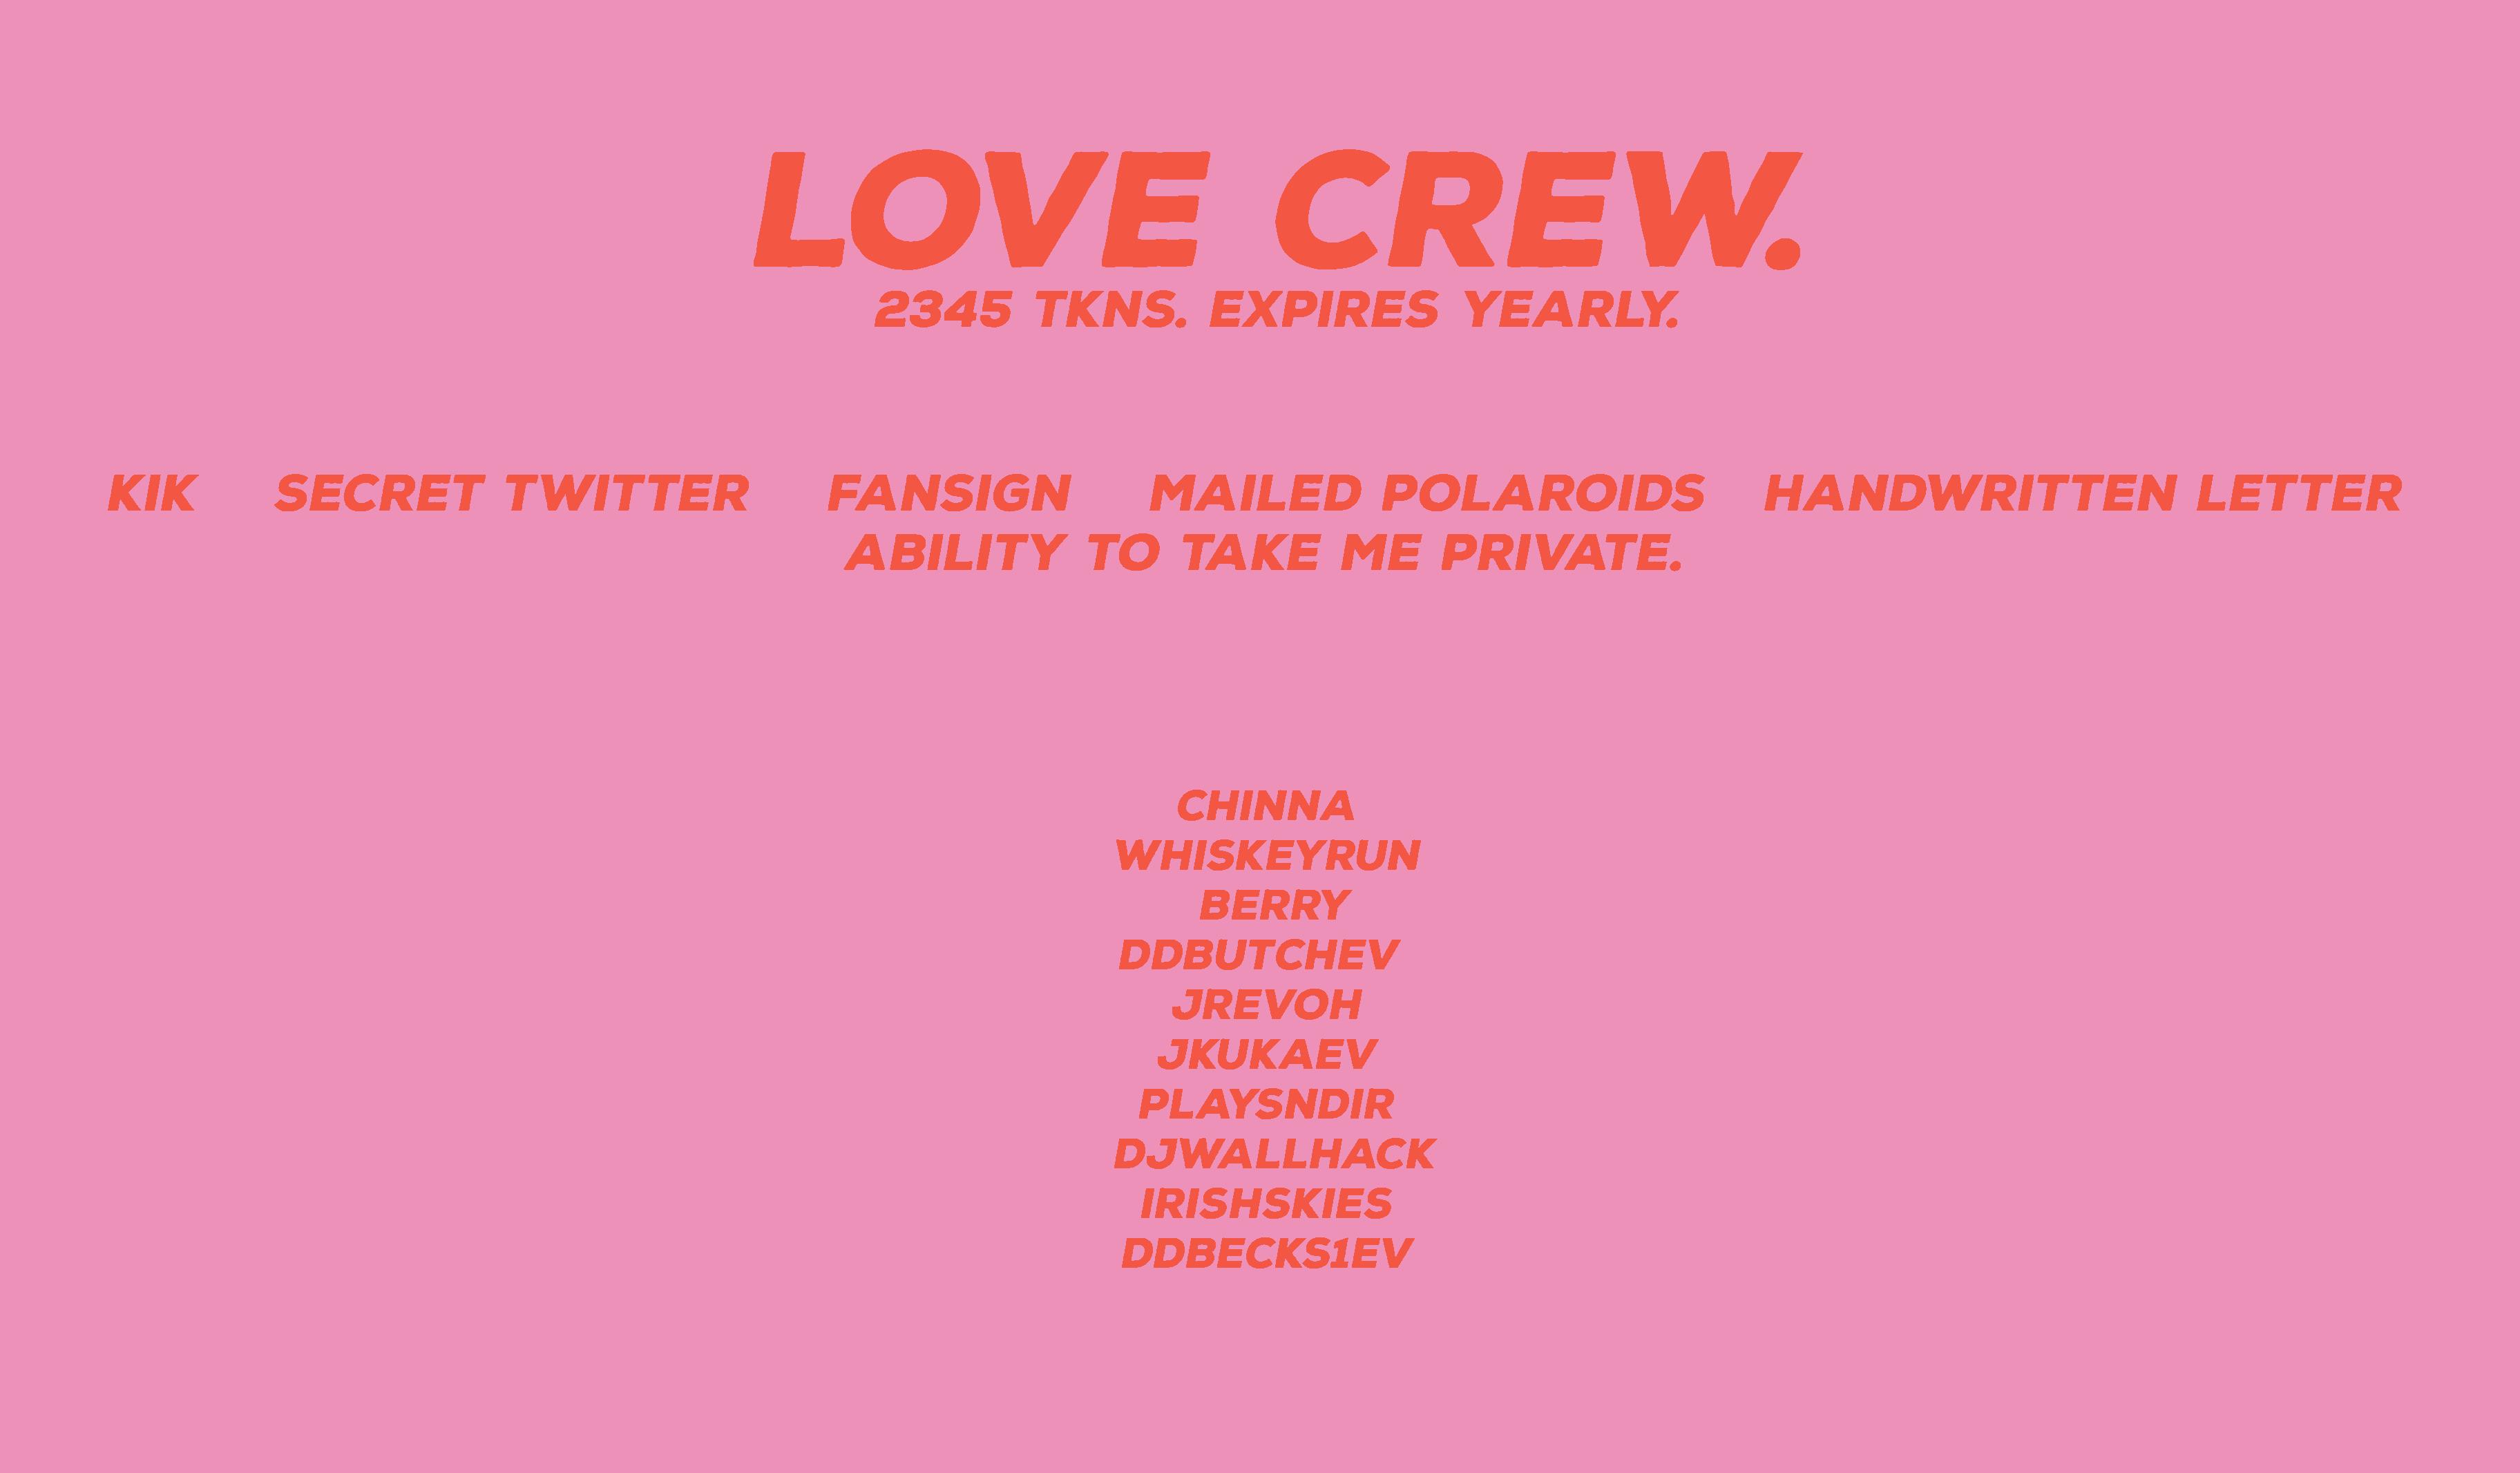 lovecrew